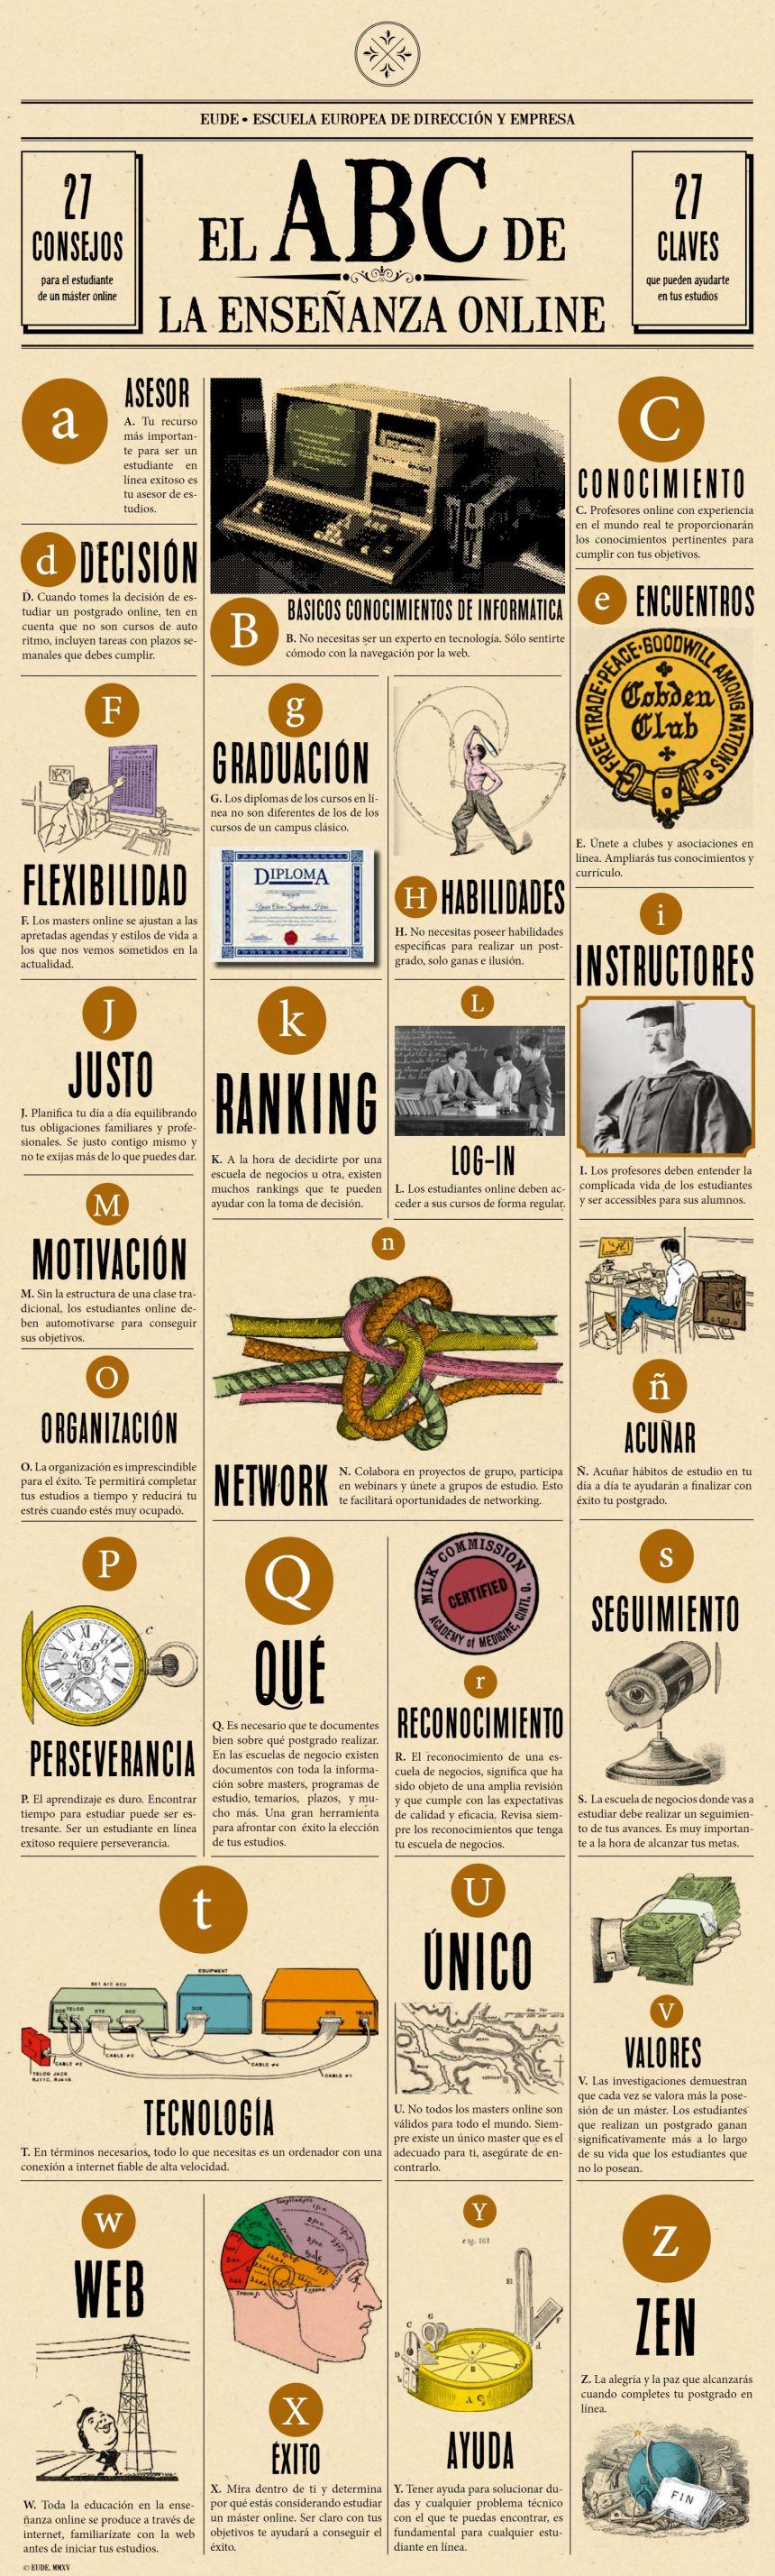 ABC de la Enseñanza Online